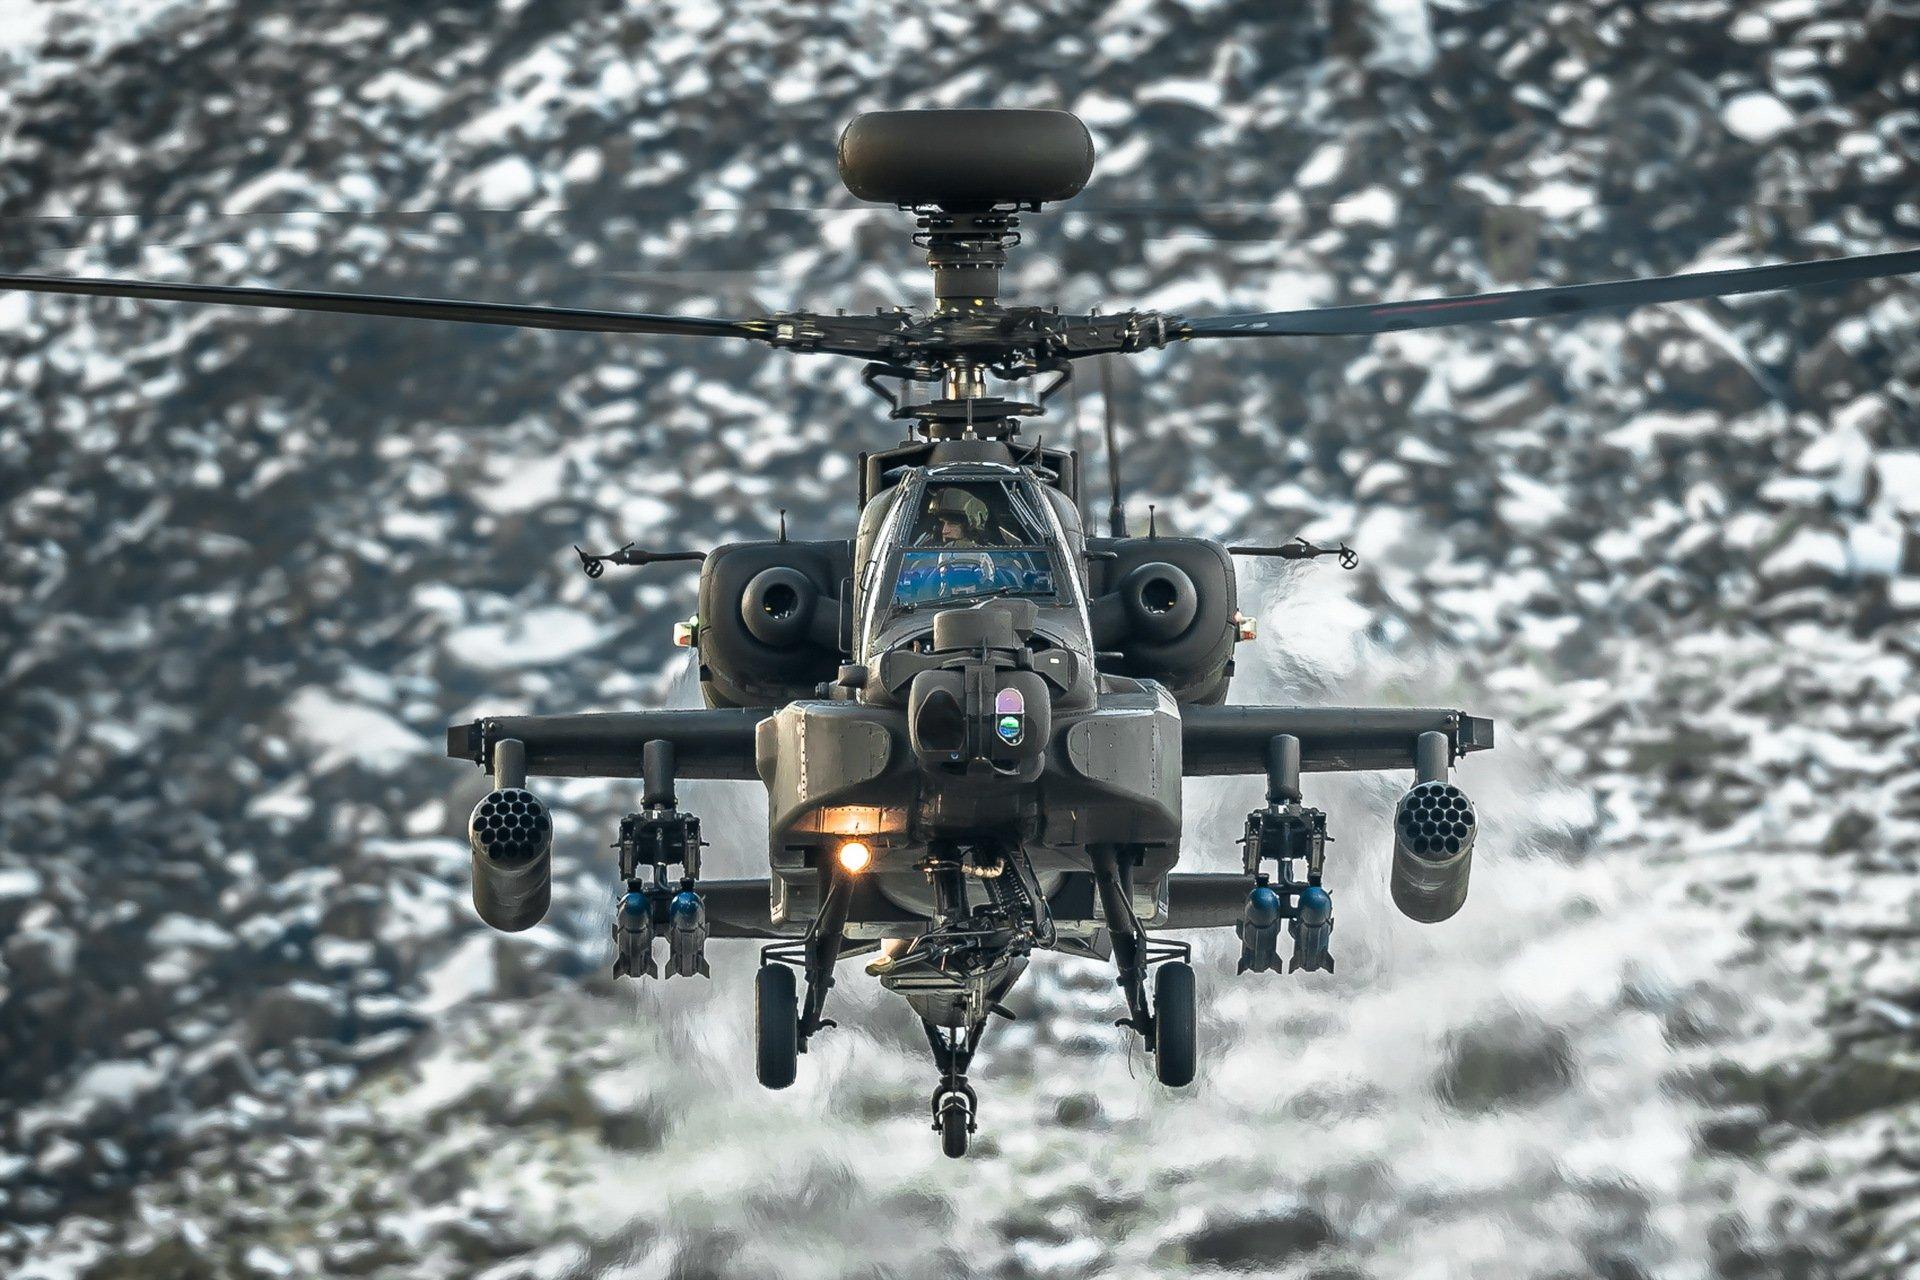 птичка фото вид из военного вертолета данной